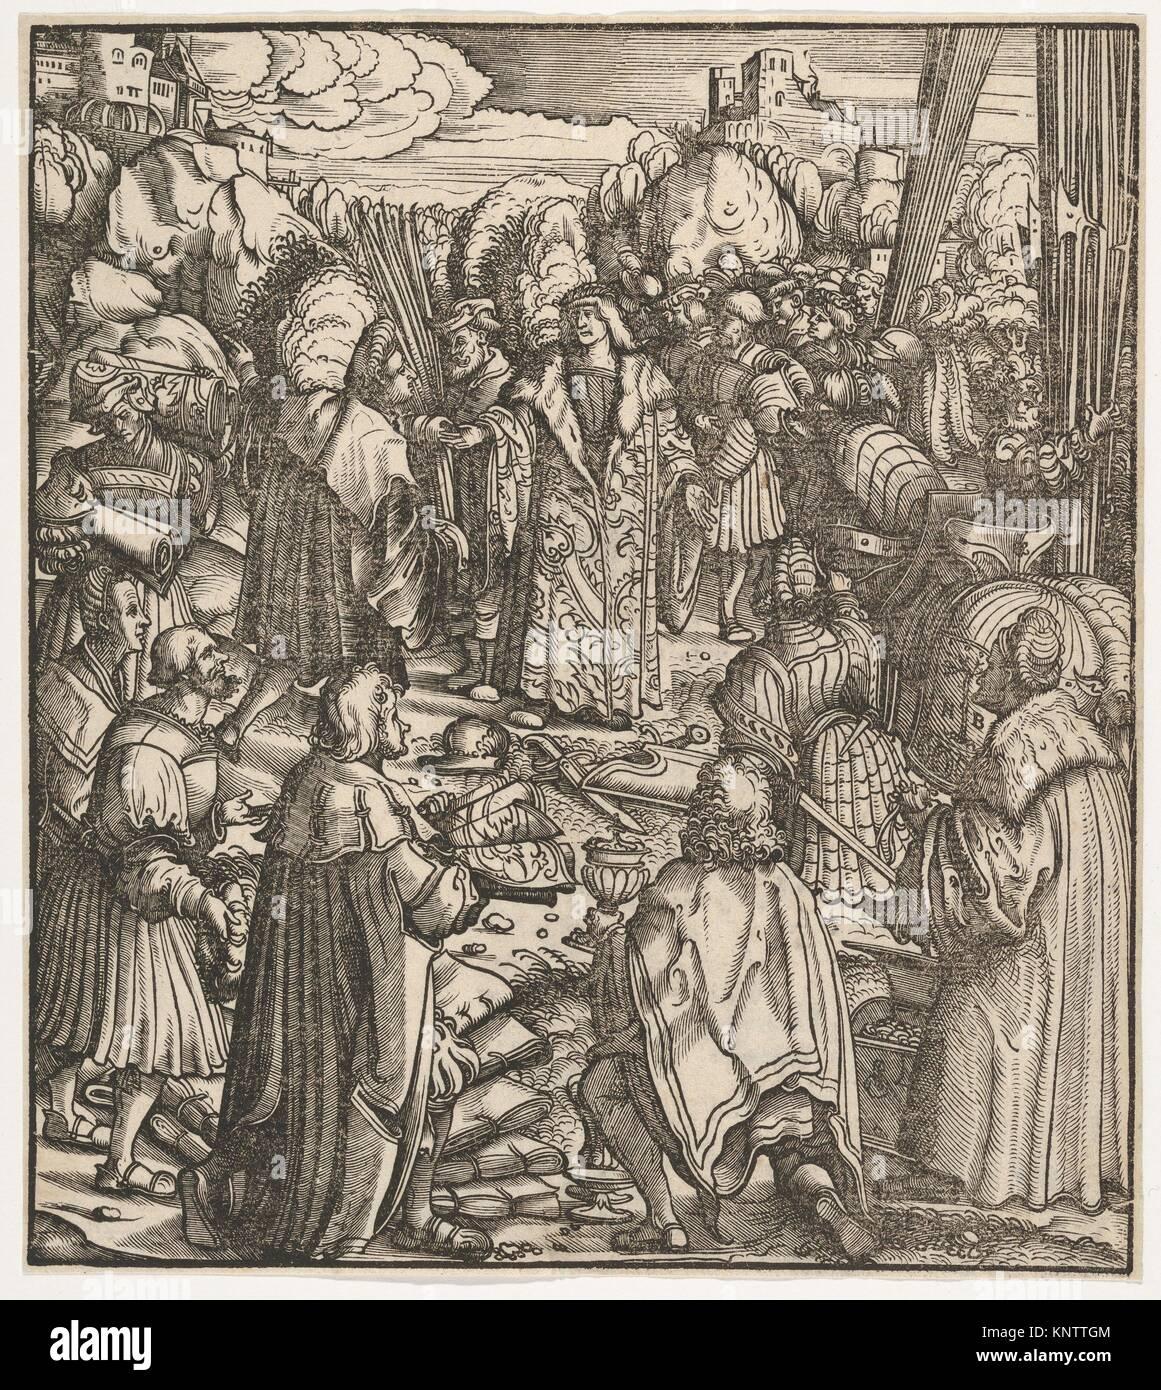 The Young Prince Standing Between His Secretaries, from Der Weisskunig. Series/Portfolio: Der Weisskunig; Artist: - Stock Image